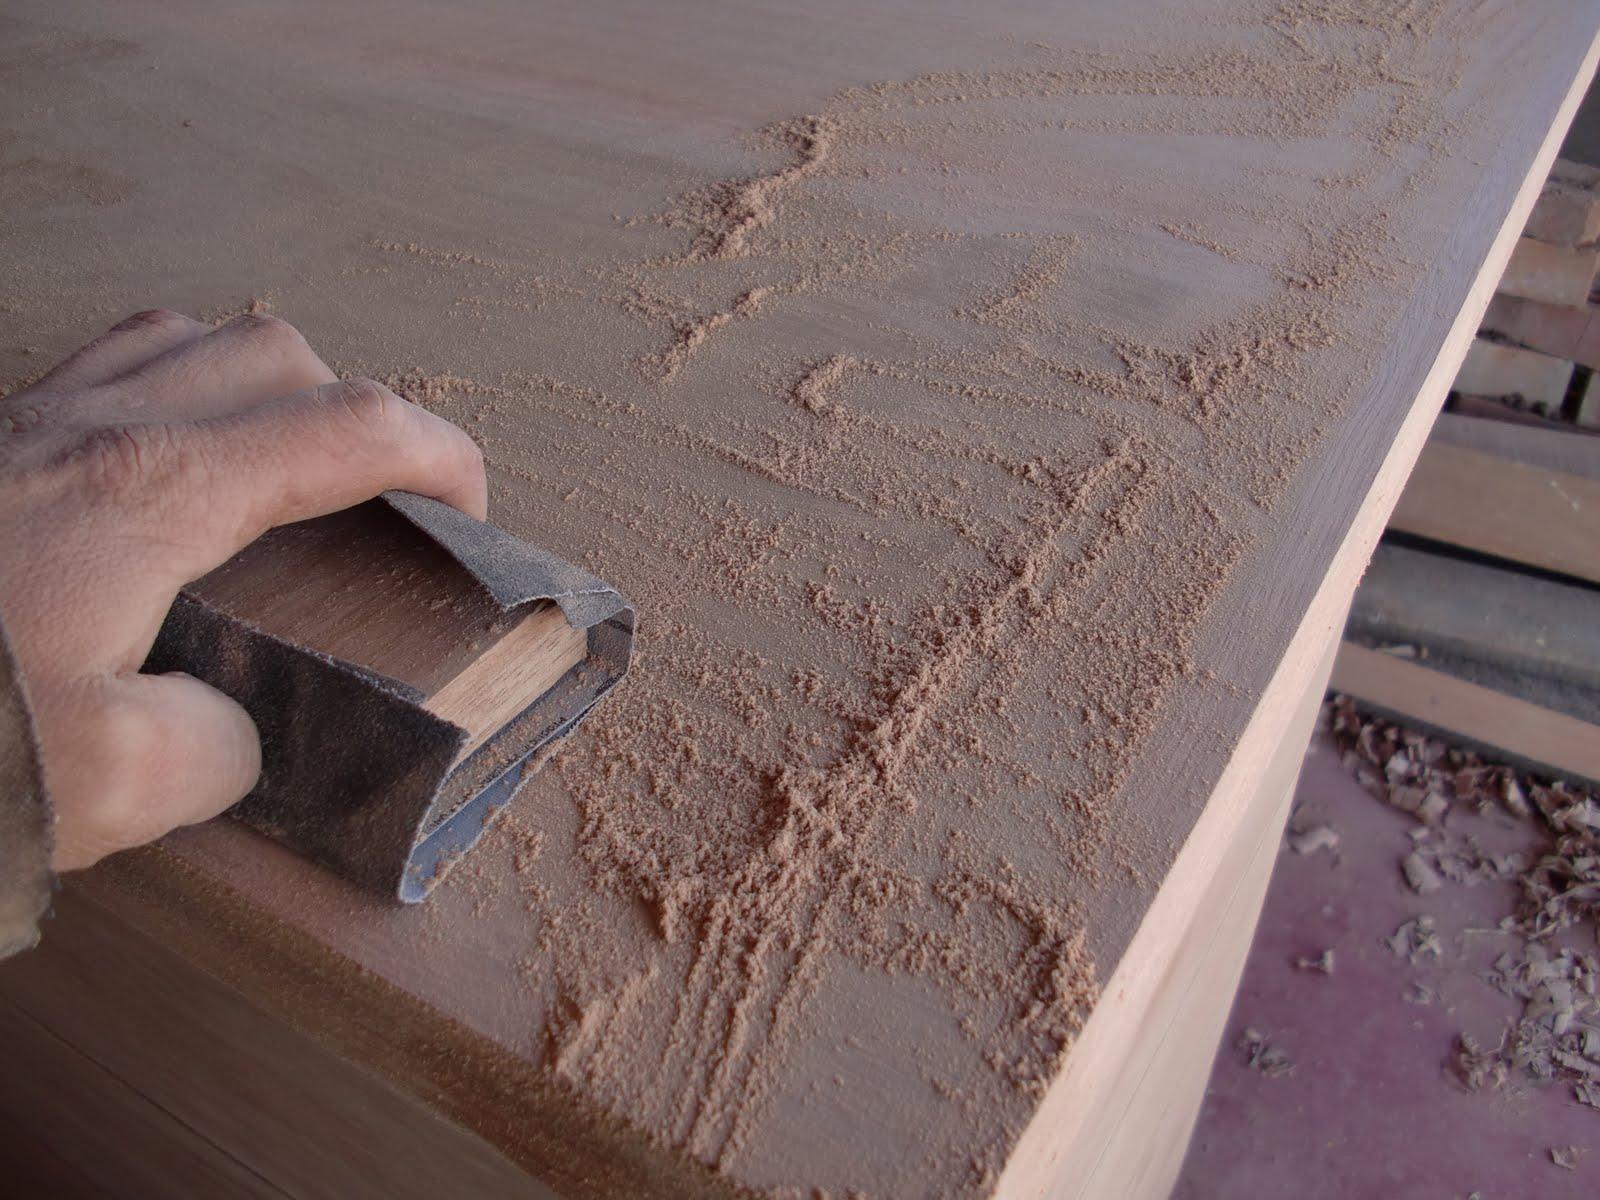 C Mo Pintar Muebles De Madera Blog De Muebles Y Decoraci N # Como Secar Muebles Mojados